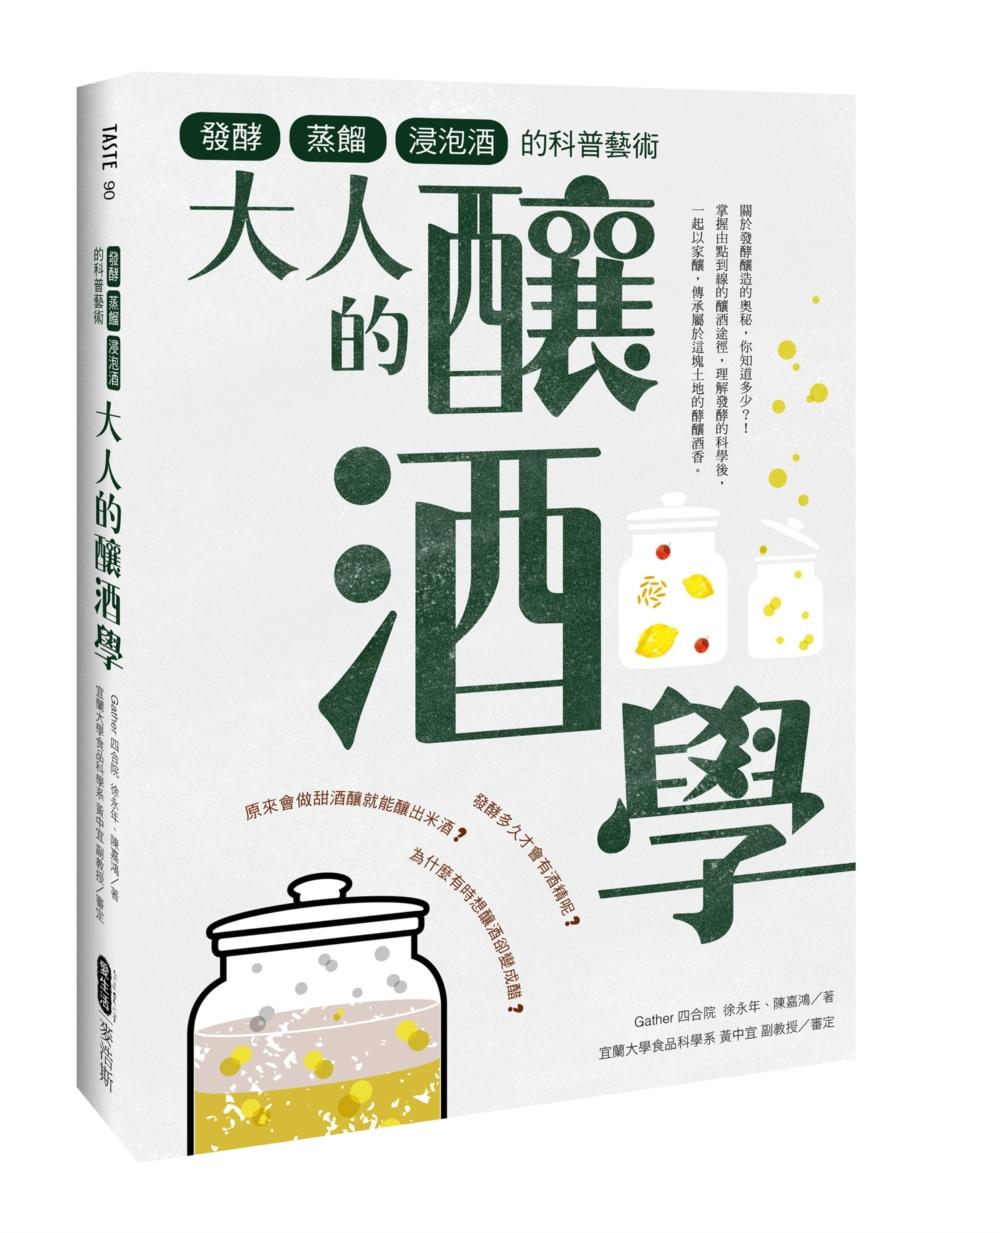 大人的釀酒學:發酵、蒸餾與浸泡酒的科普藝術